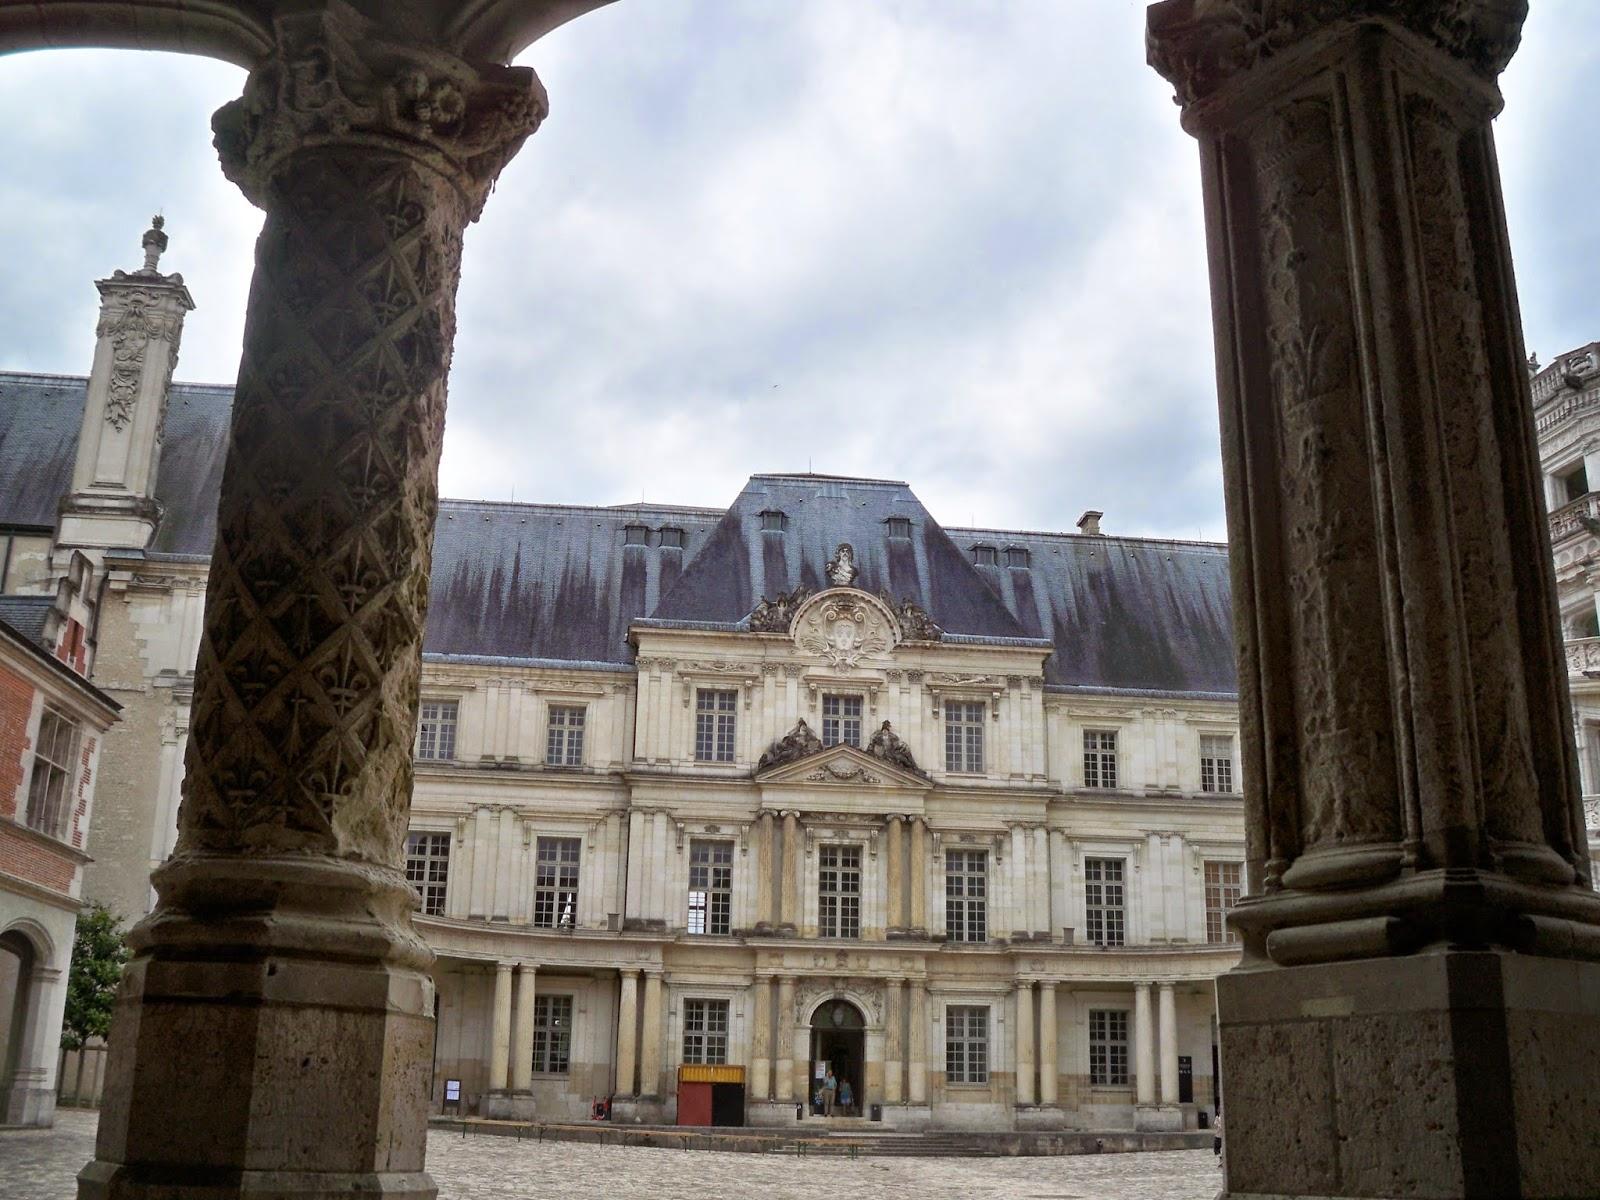 Le salon des lettres ch teau royal de blois for Salon du chiot blois